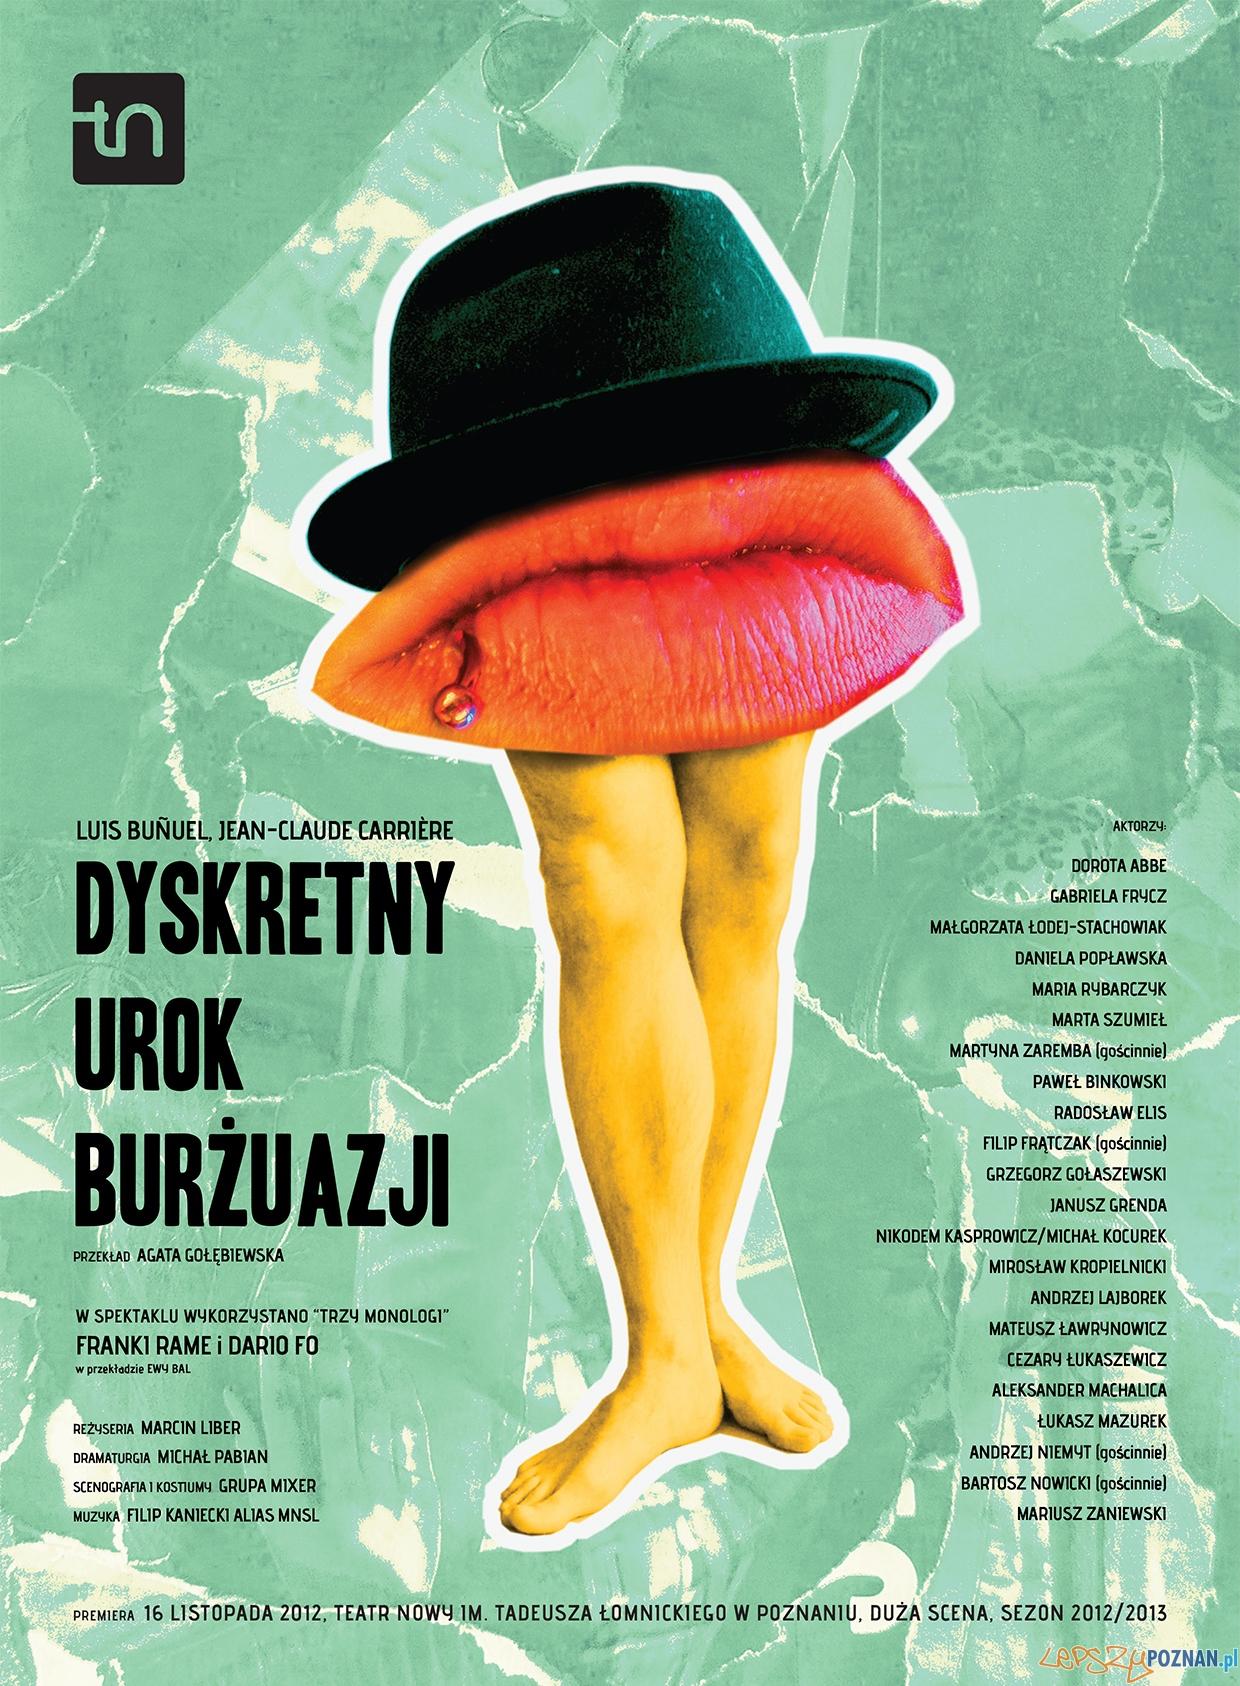 Dyskretny urok burżuazji  Foto: Teatr Nowy w Poznaniu